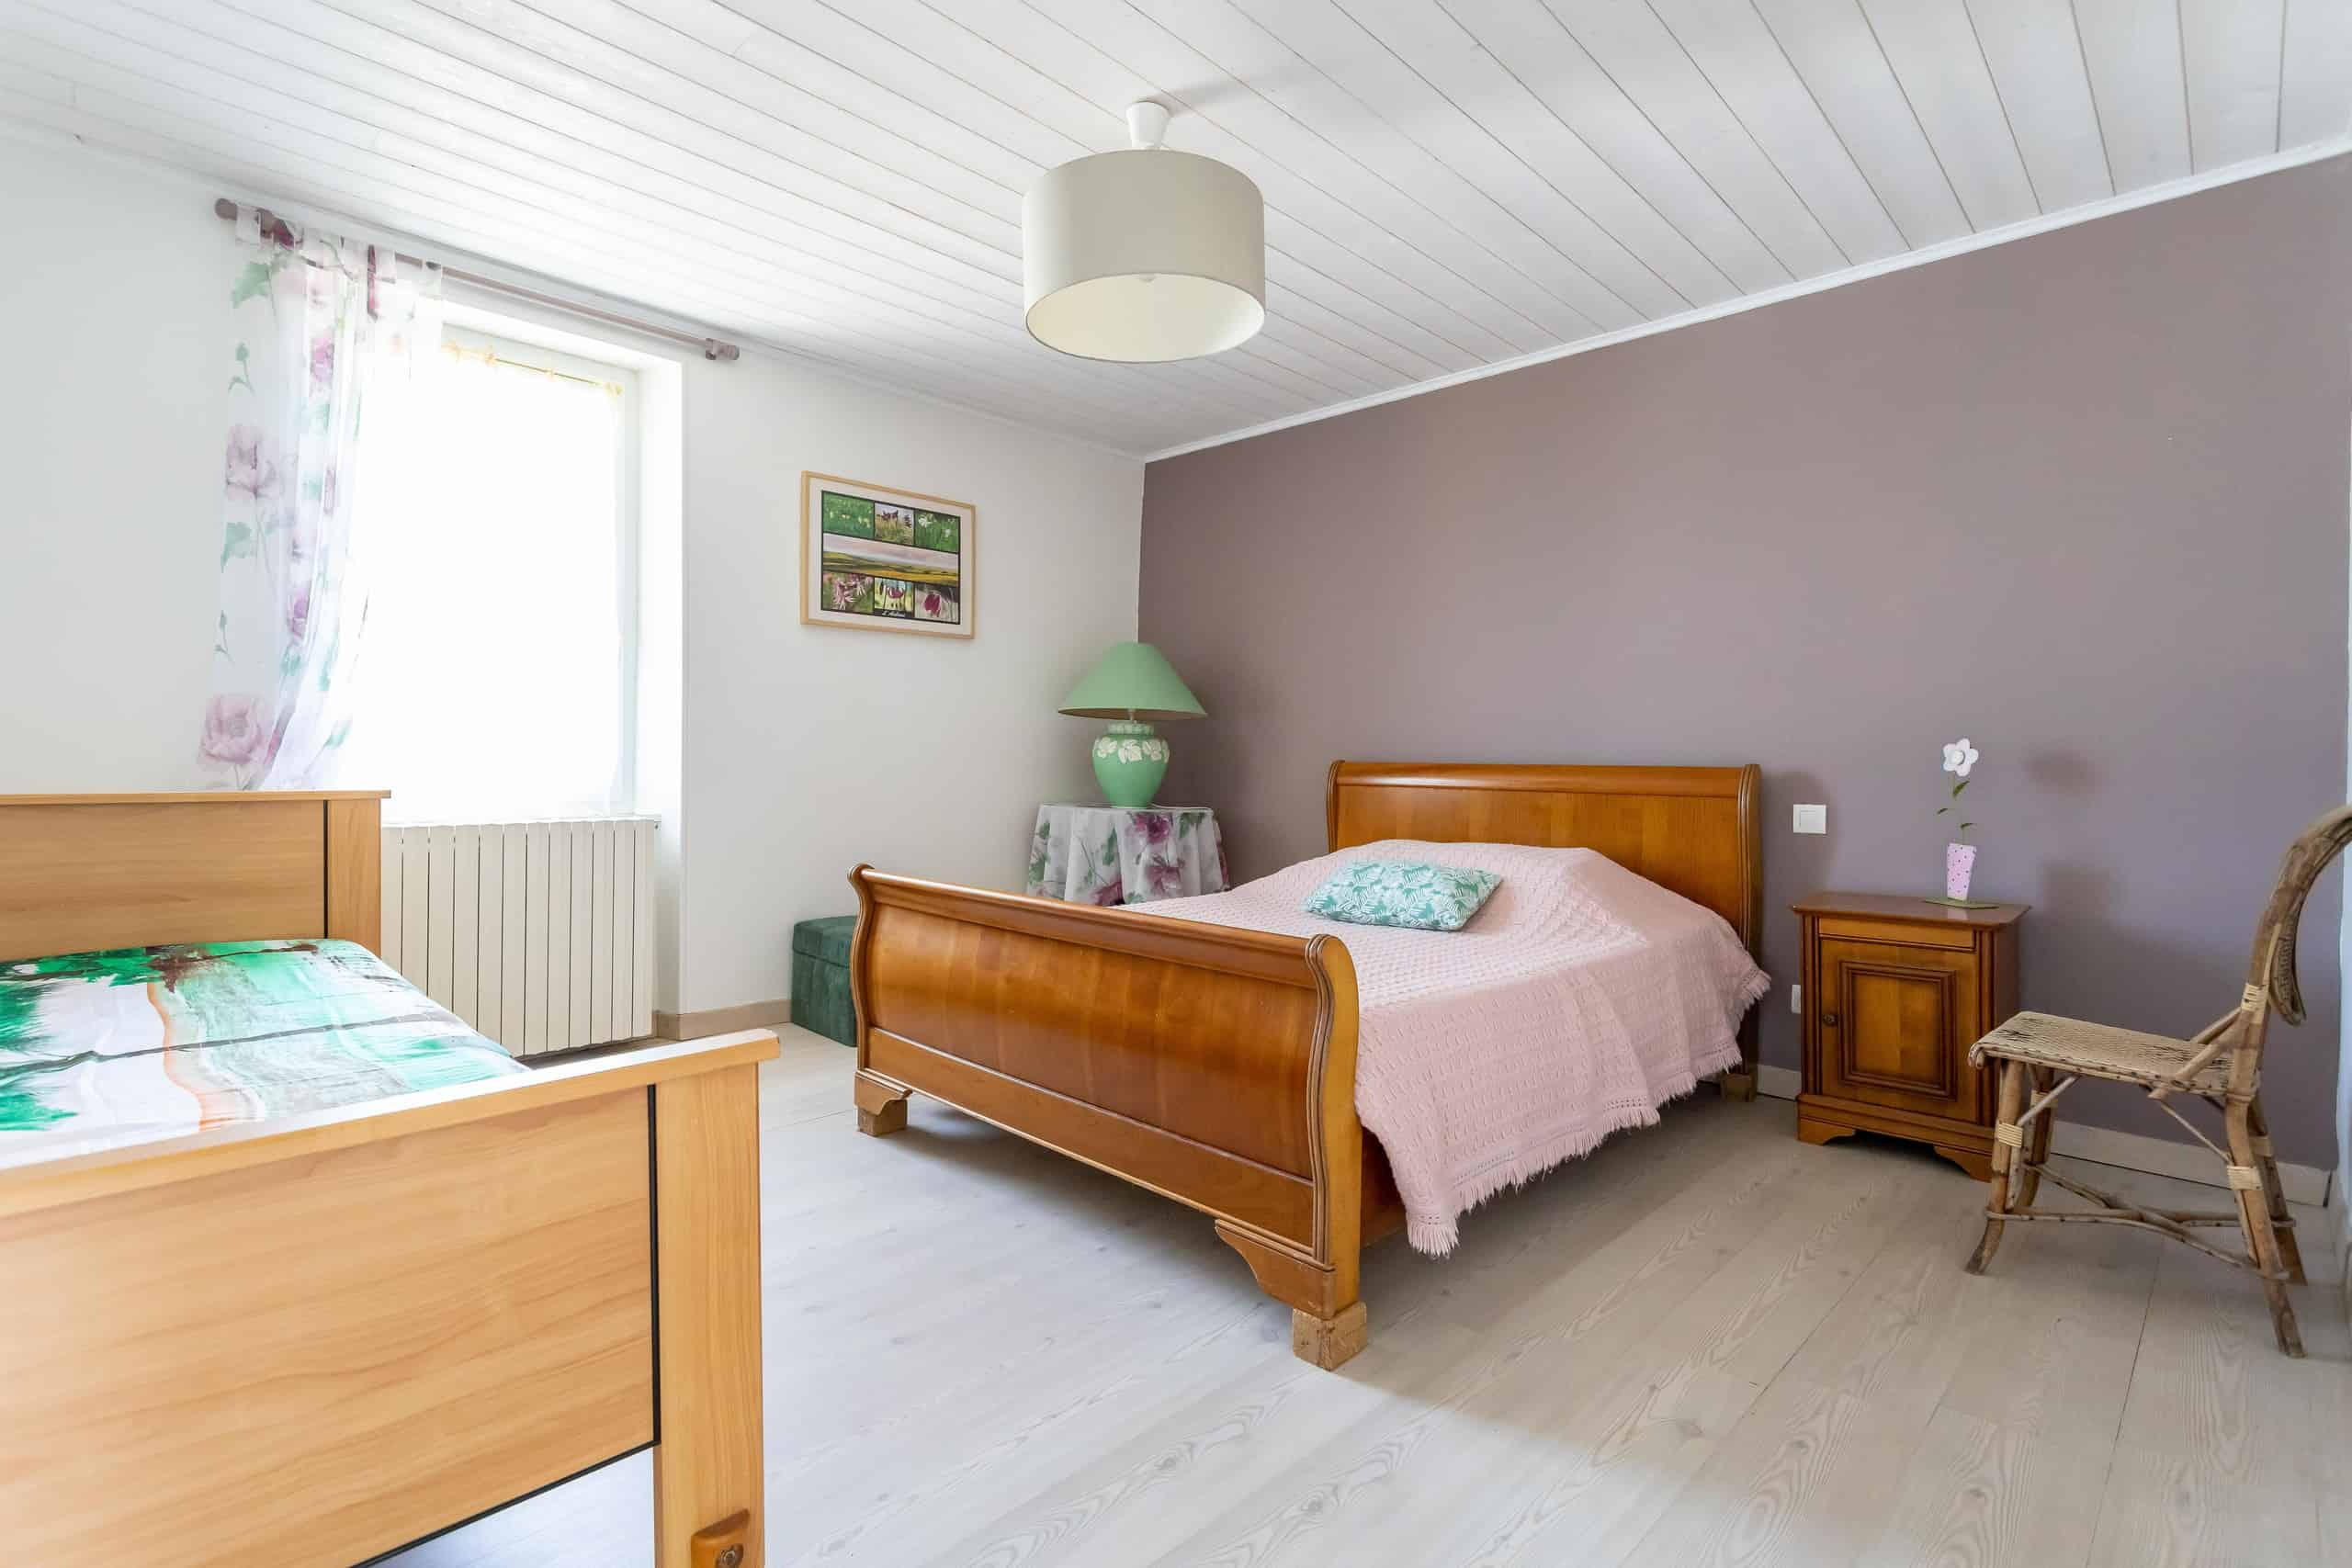 Bedroom-WMC102